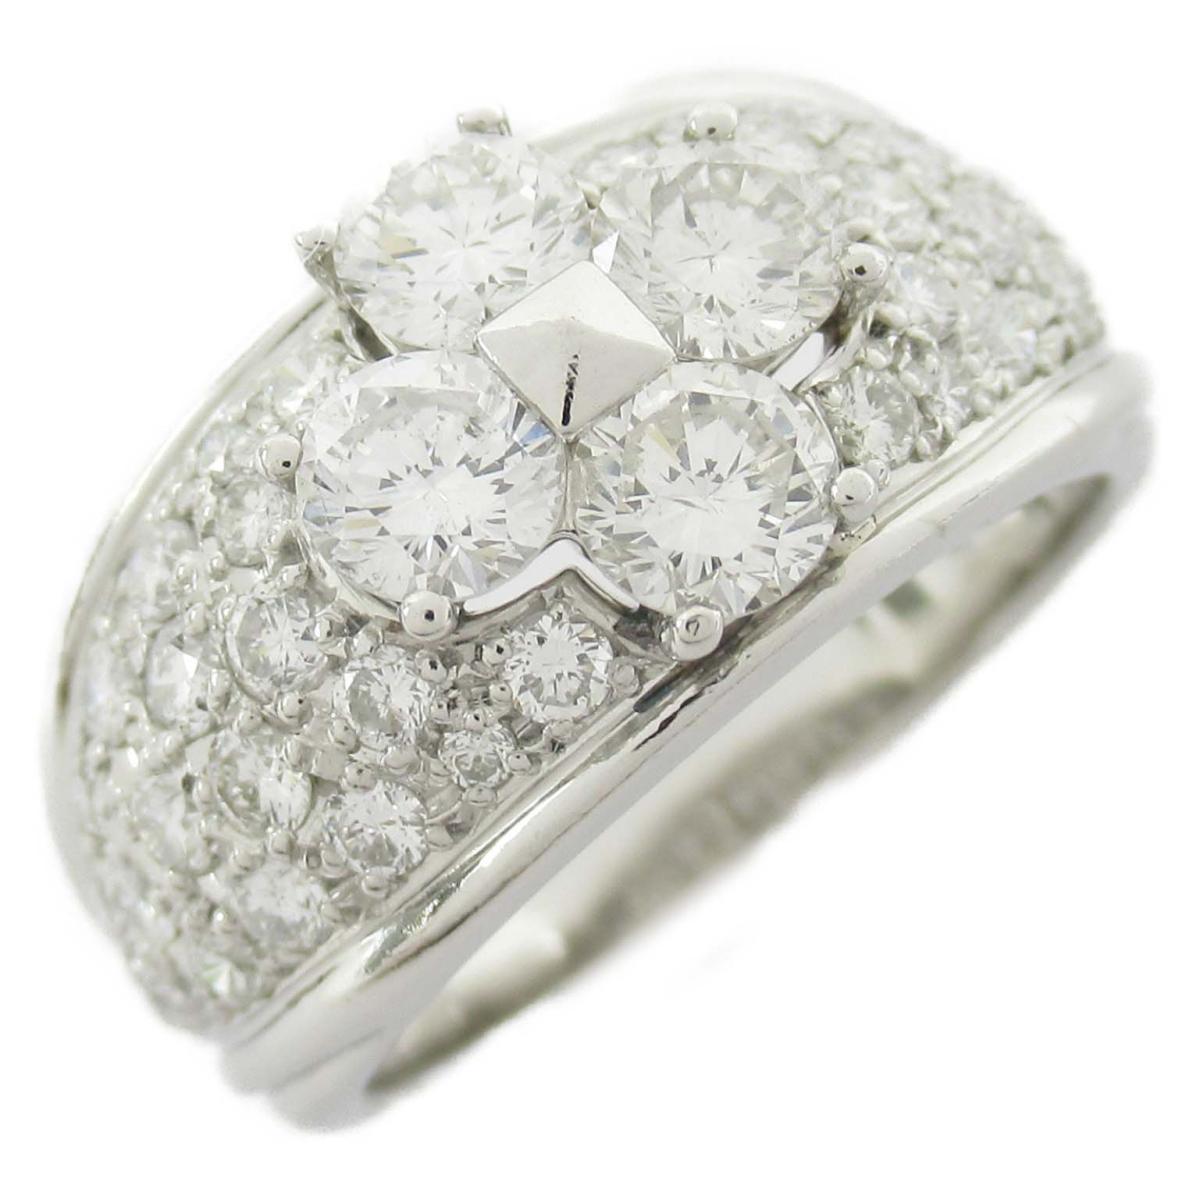 ジュエリー ダイヤモンド リング 指輪 ノーブランドジュエリー レディース PT900 プラチナ x ダイヤモンド2.00ct 【中古】 | JEWELRY BRANDOFF ブランドオフ アクセサリー